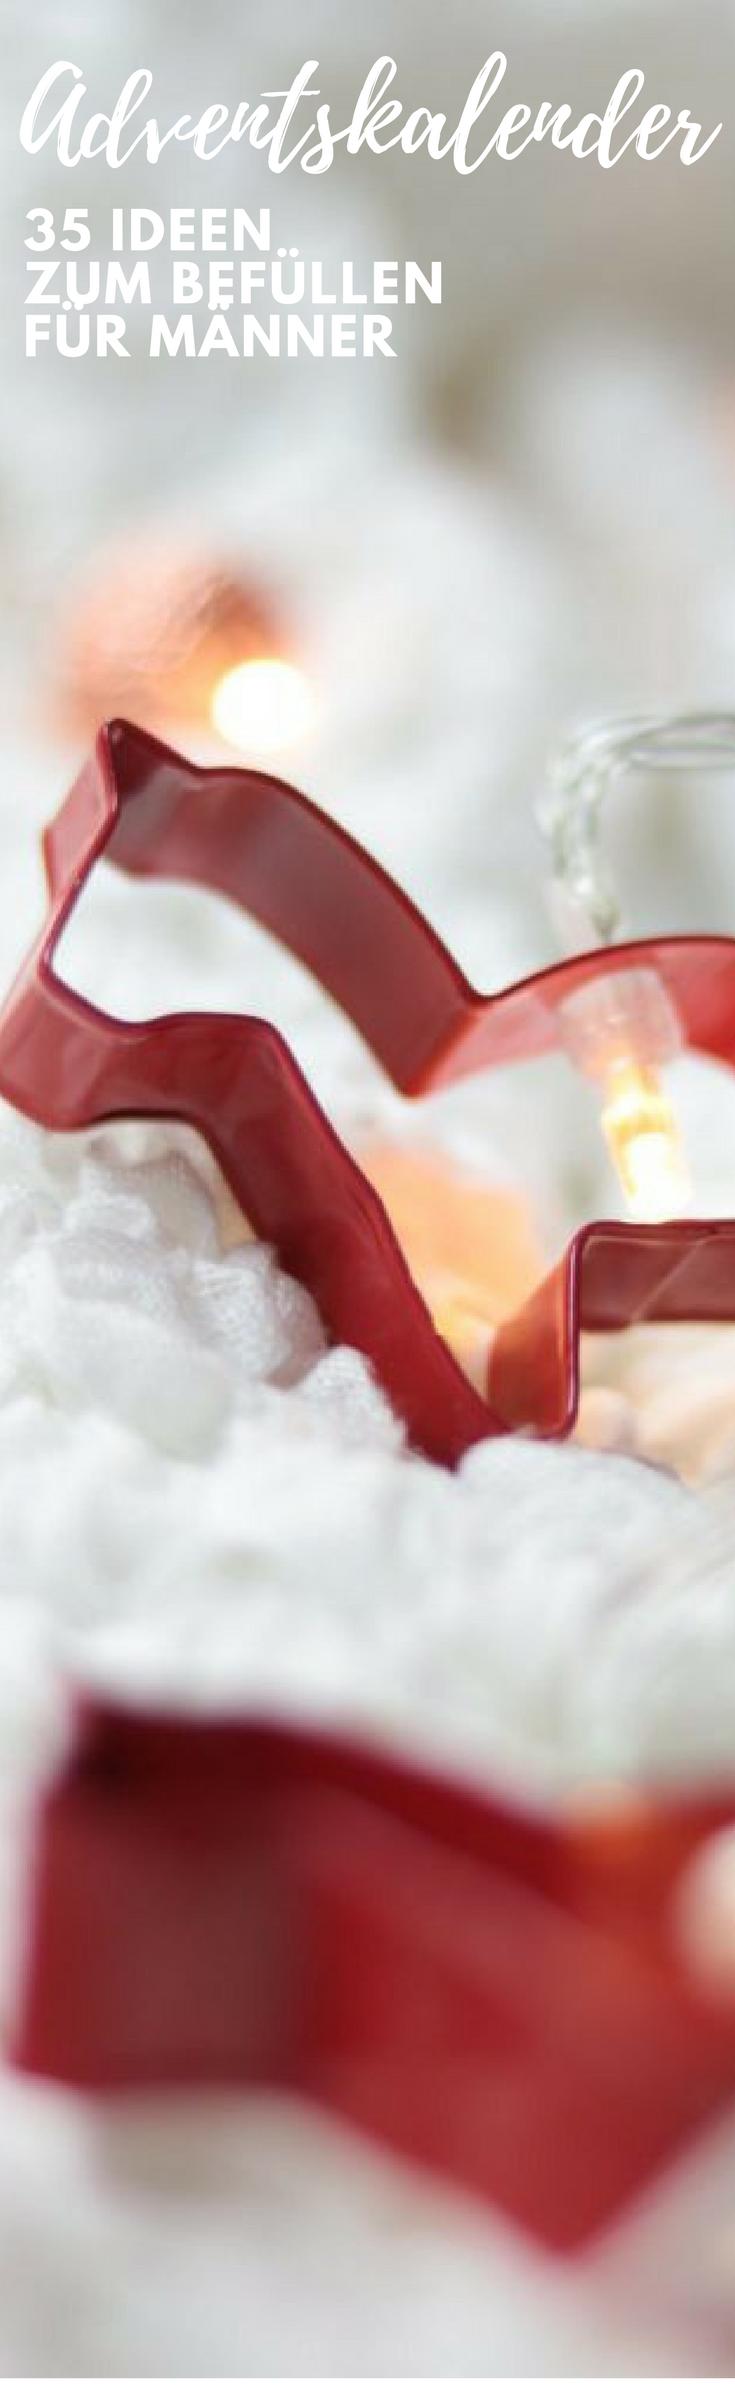 Adventskalender für Erwachsene? Manchmal kann es dabei ganz schön schwierig werden genug Kleinigkeiten zum Befüllen des Adventskalenders zu finden. Mit dieses 35 Ideen zu Befüllen für Männer findest du neue Inspirationen #advendtskalender #befüllen #diy #geschenke #weihnachten